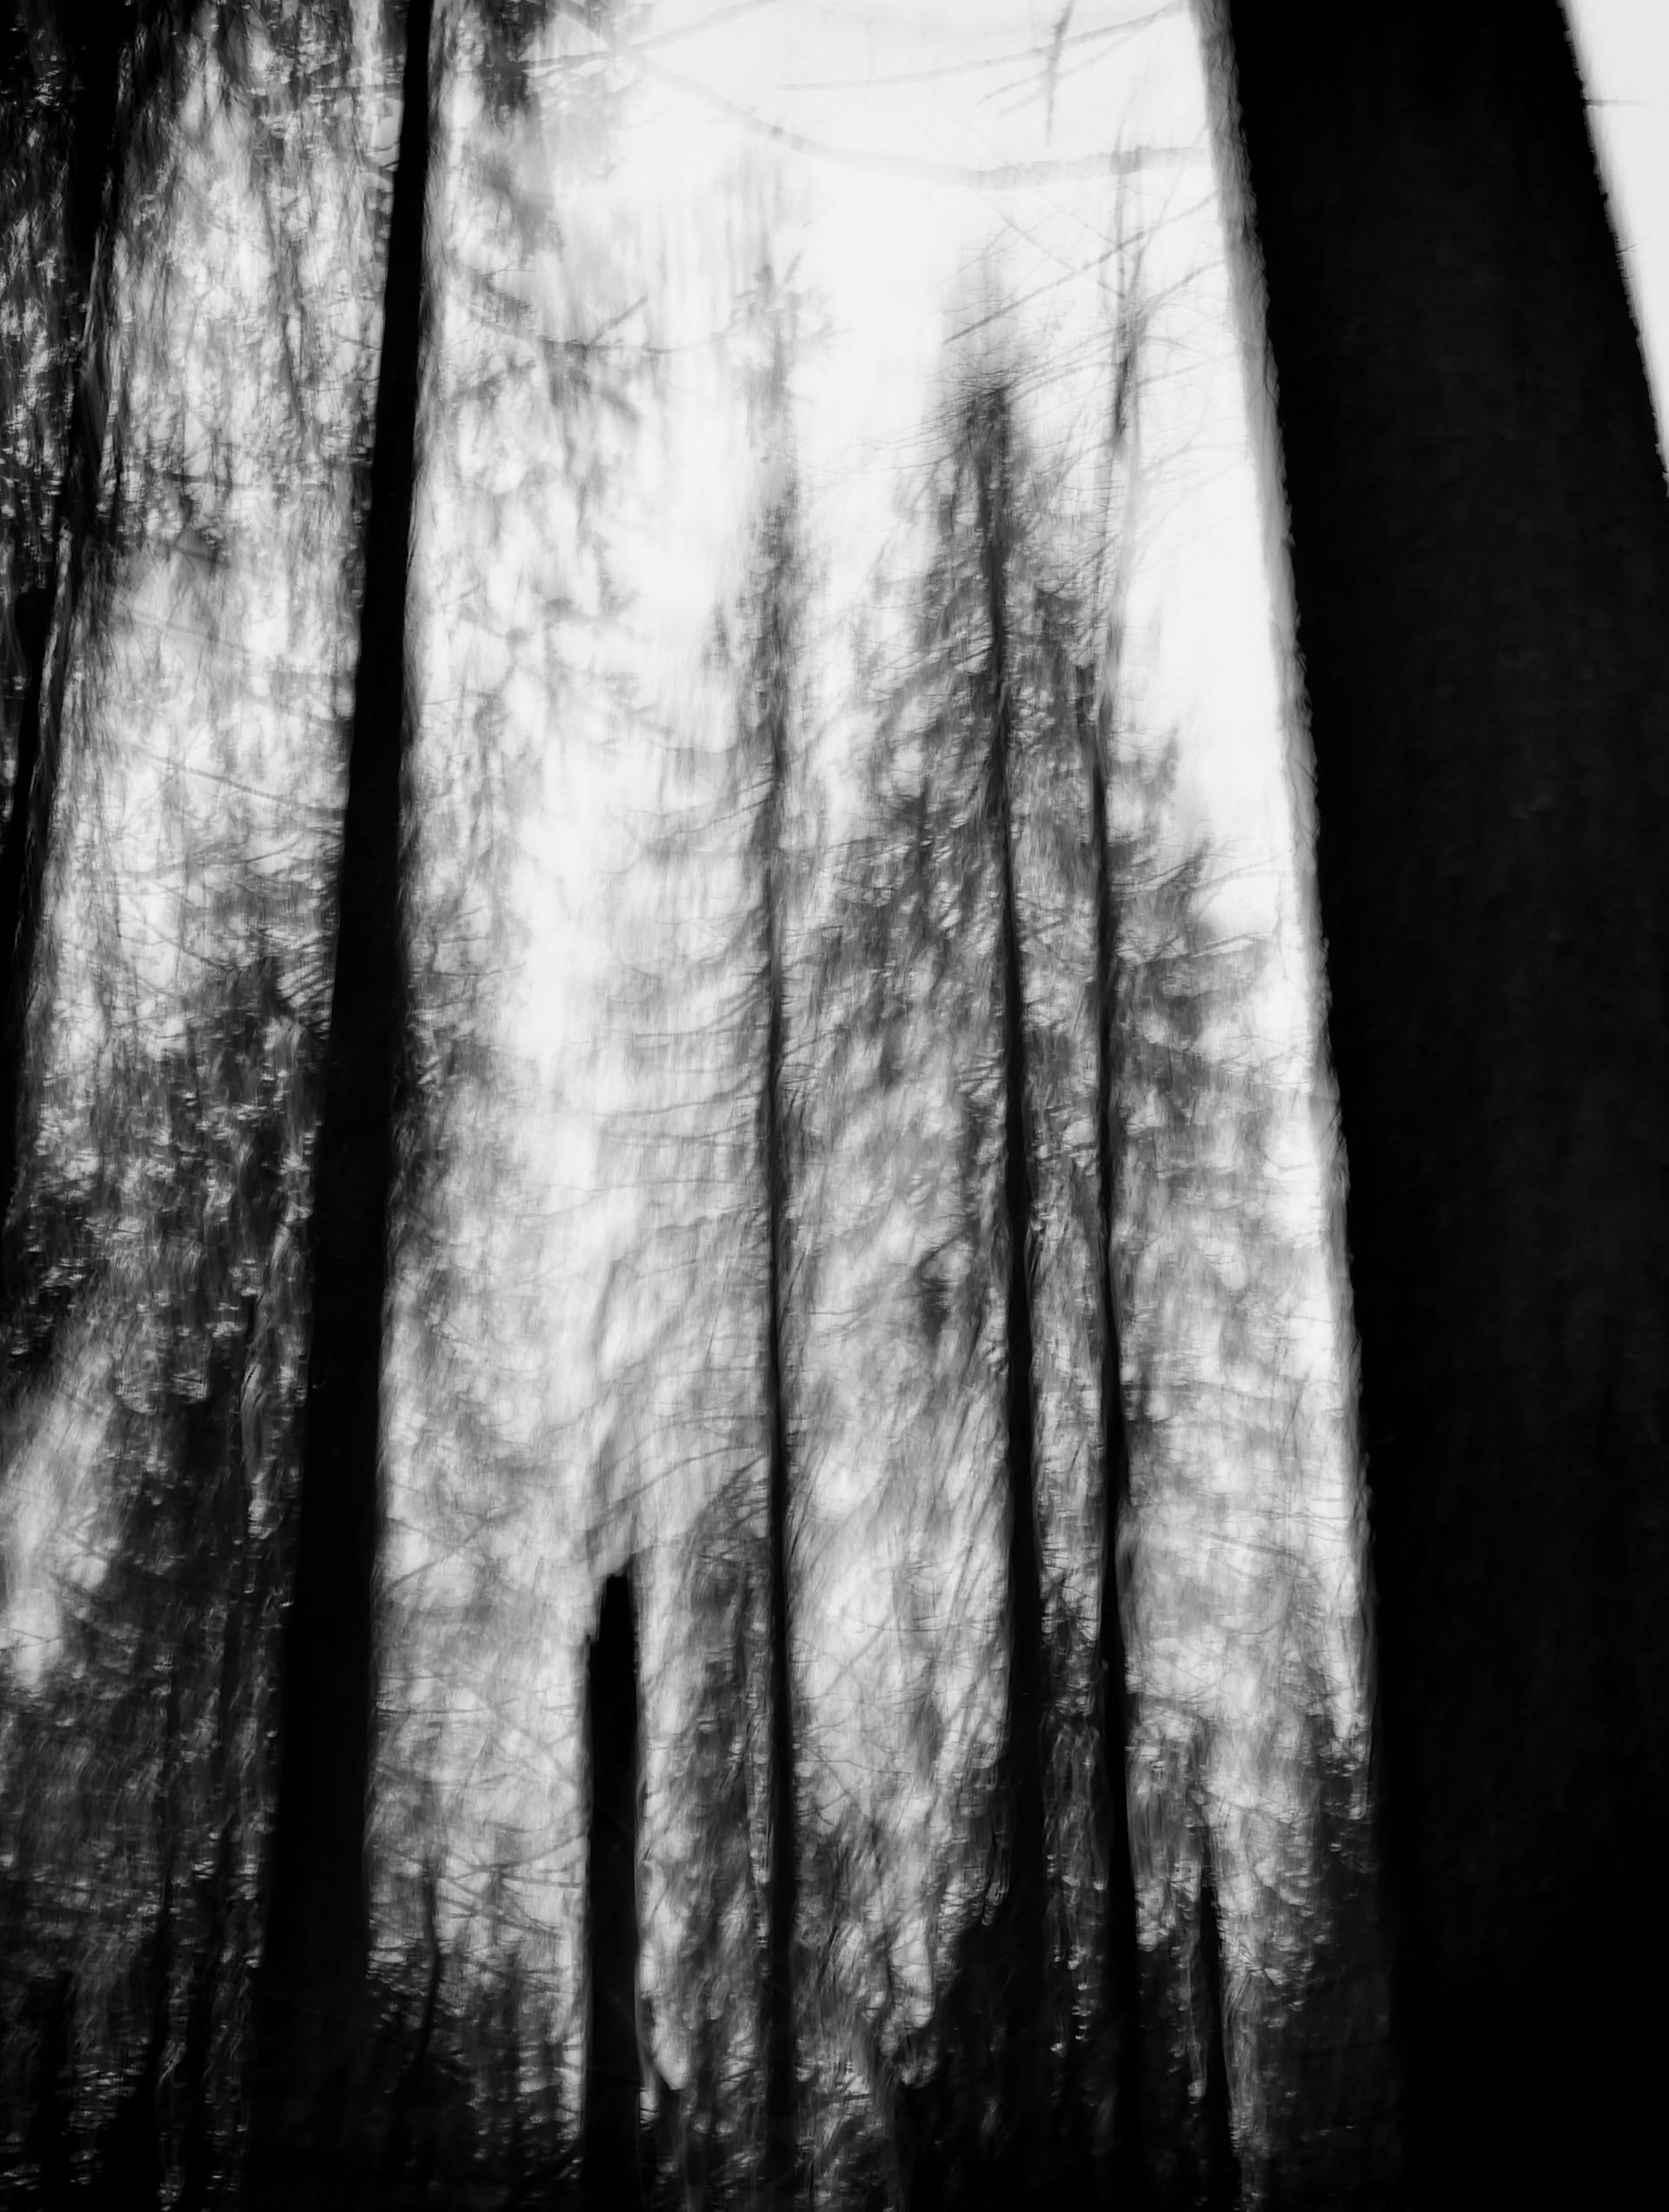 AncientShadows